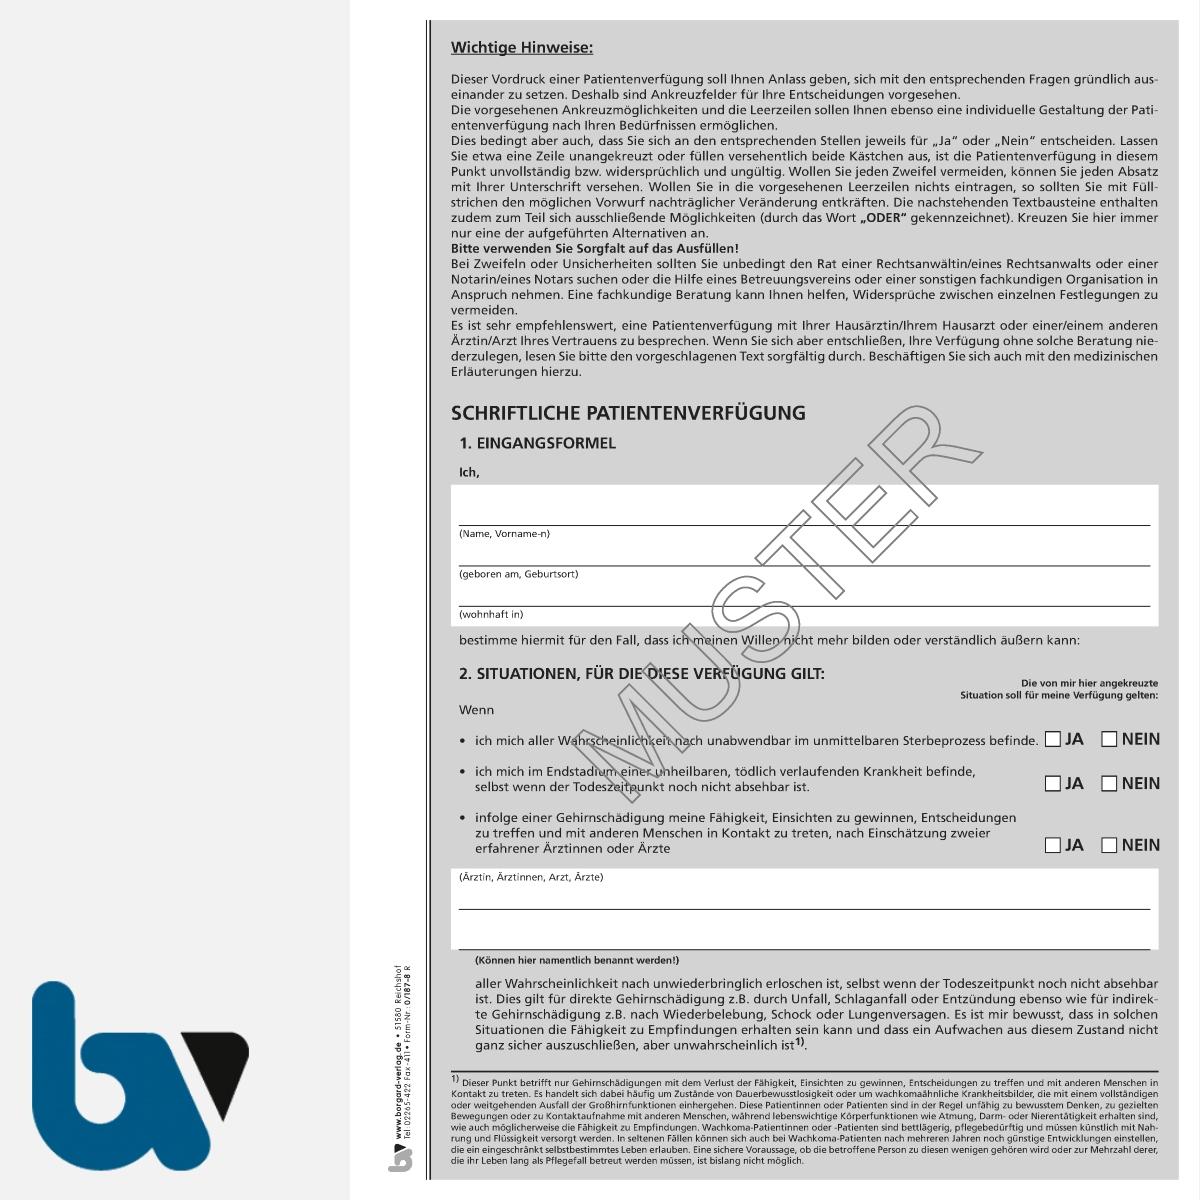 0/187-8 Patientenverfügung schriftlich Muster Bundesministerium Justiz Vorsorgevollmacht Betreuung DIN A4 Seite 1 | Borgard Verlag GmbH